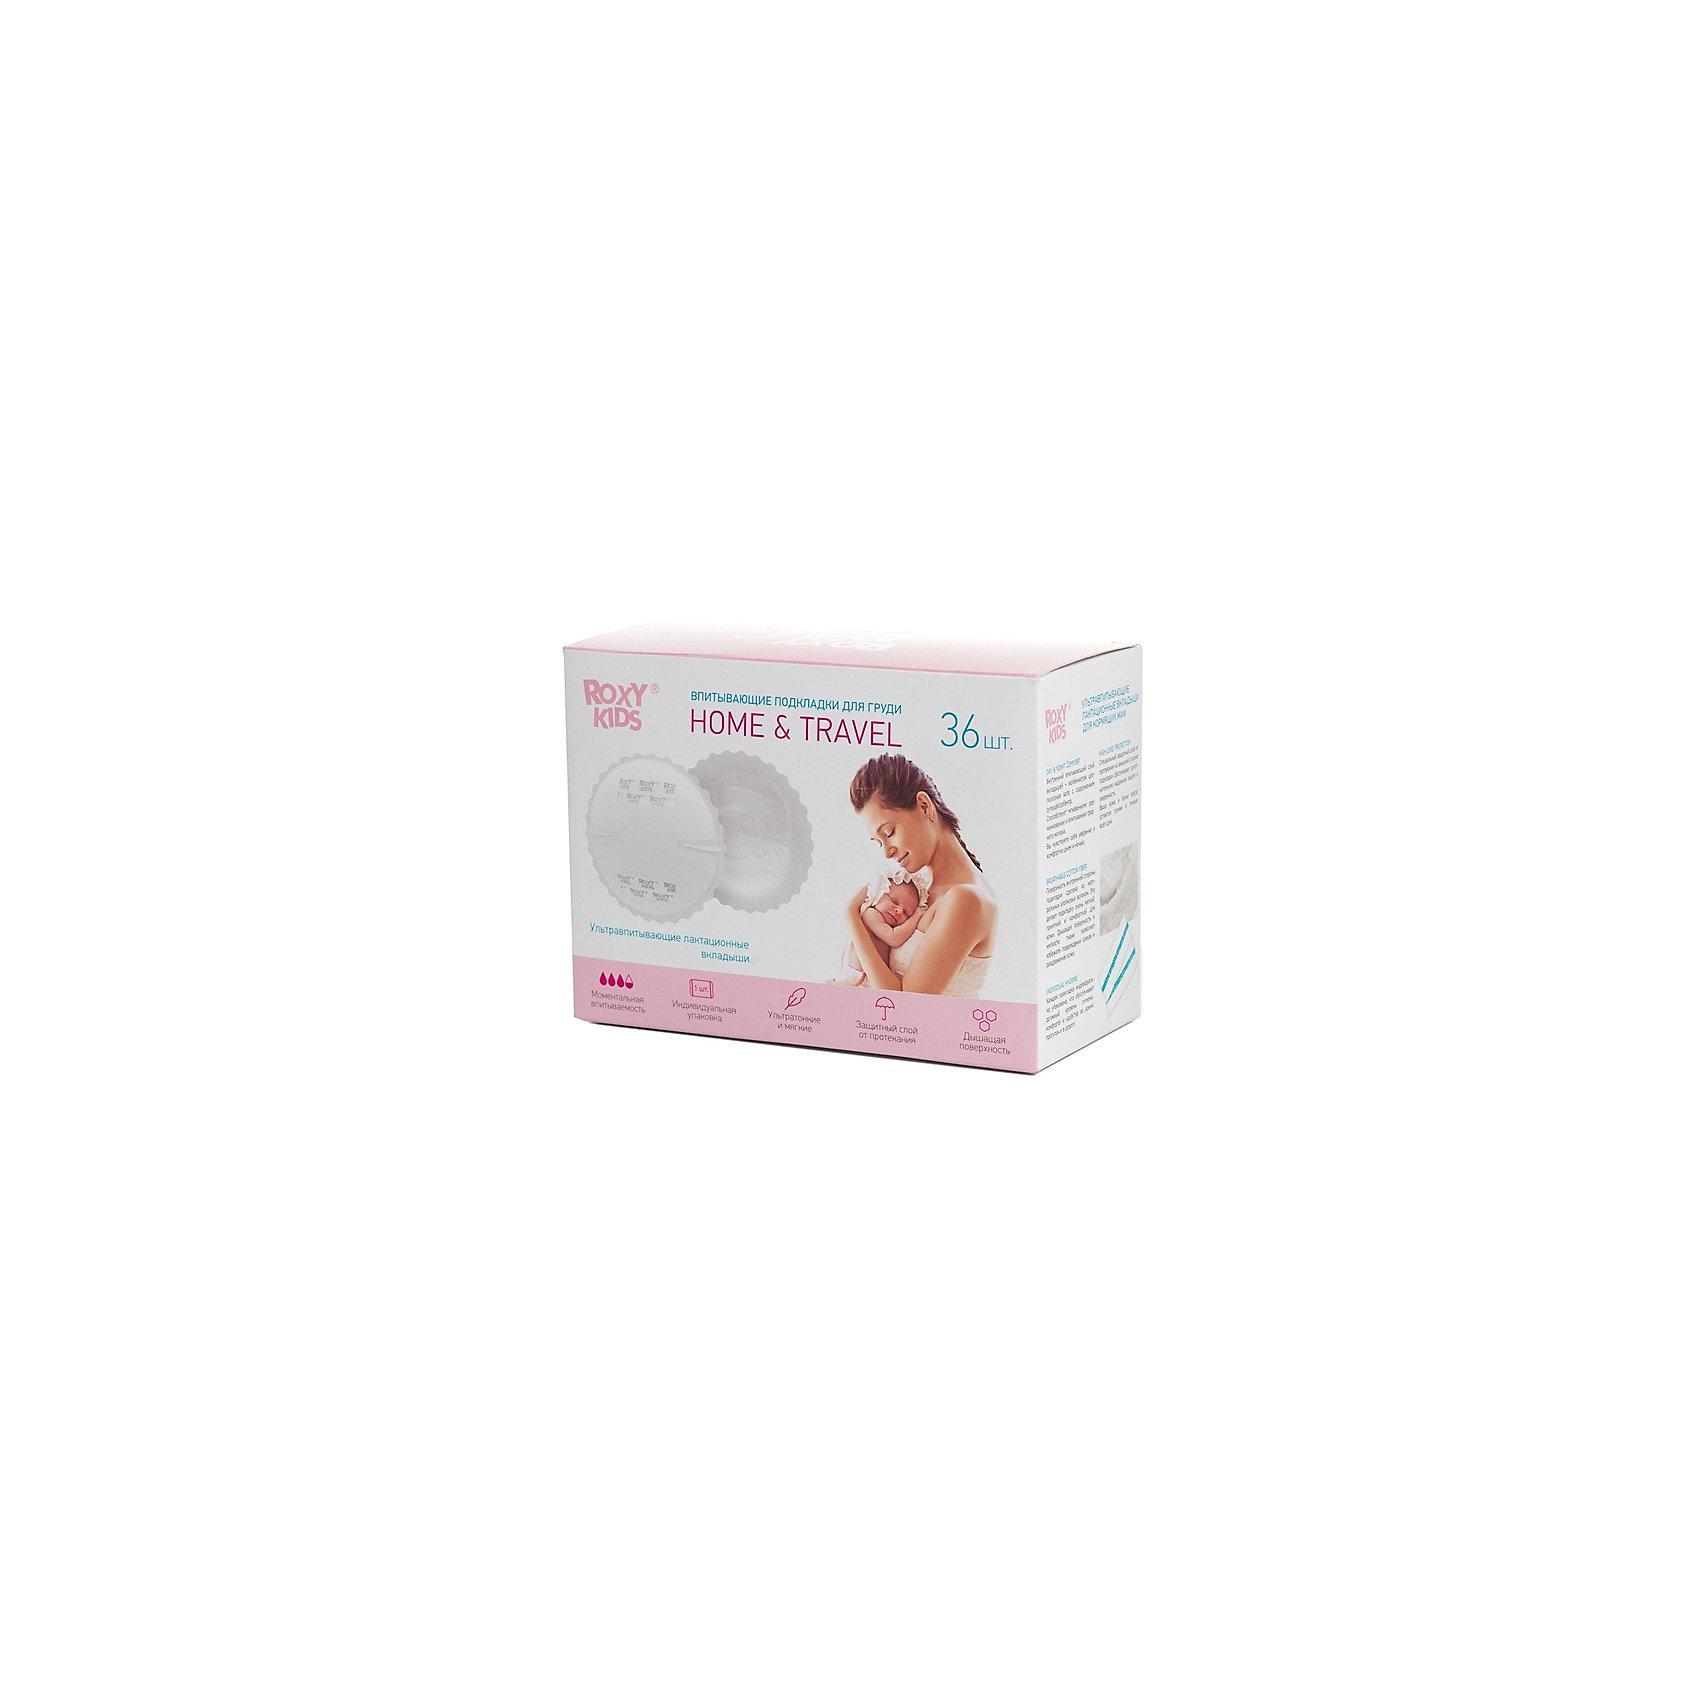 Ультратонкие лактационные вкладыши для груди HOMETRAVEL (36 шт.), Roxy-Kids